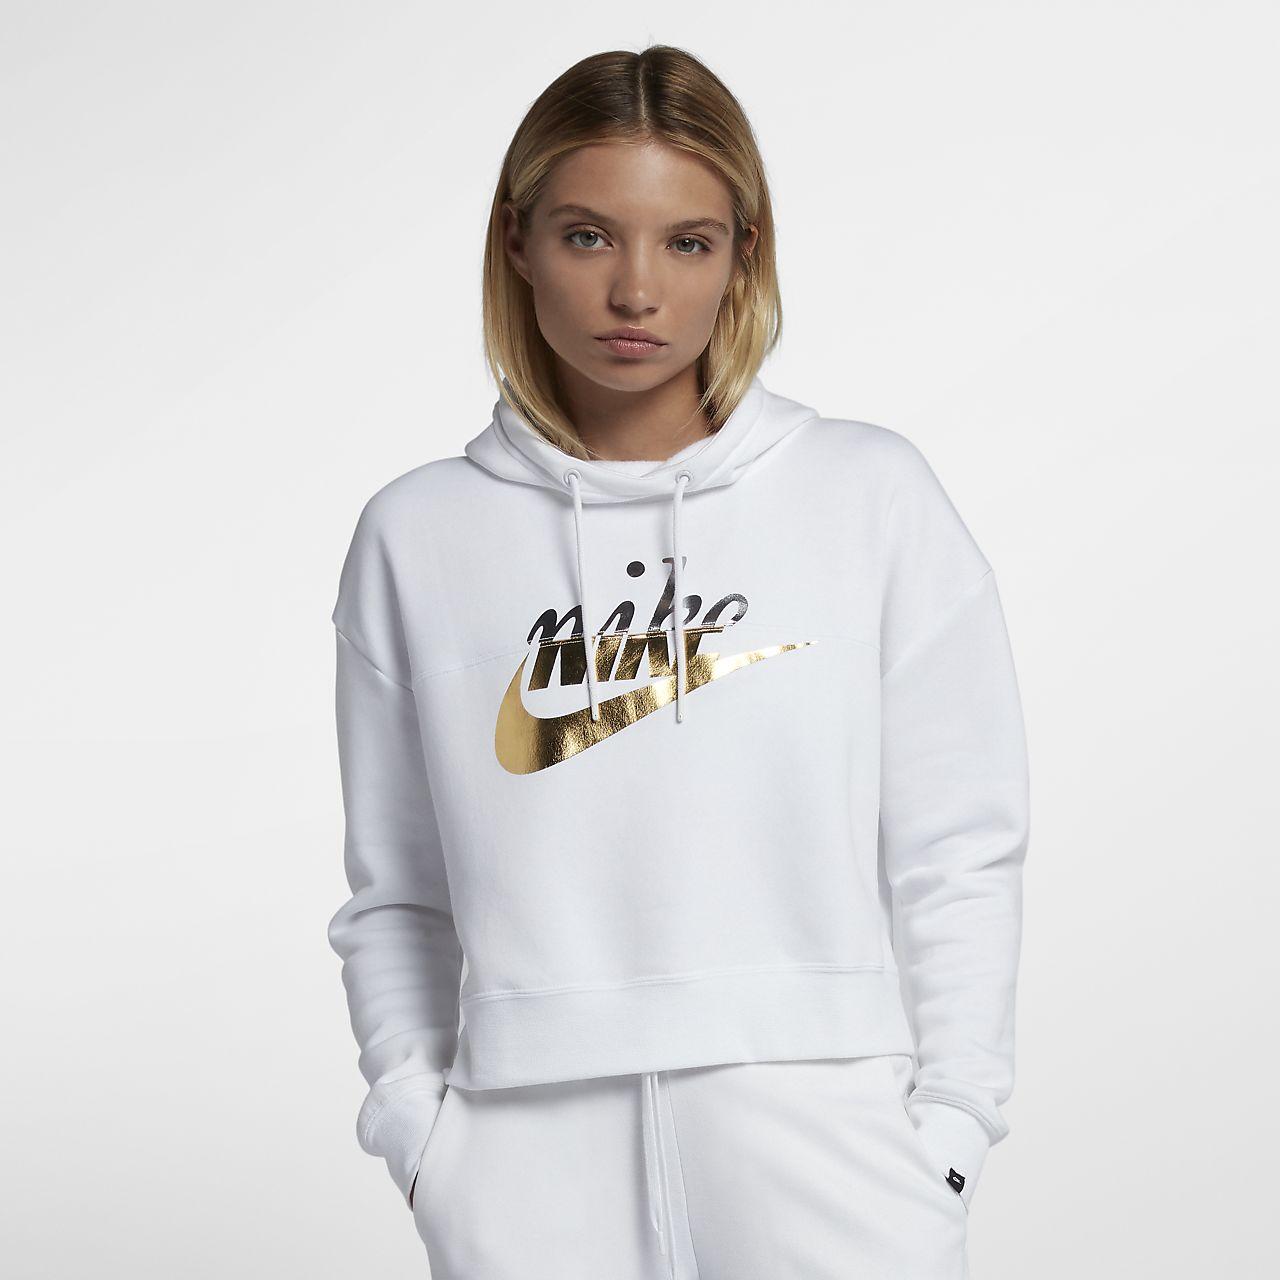 4f98247faa8 Nike Sportswear Rally Women s Metallic Pullover Hoodie. Nike.com AU